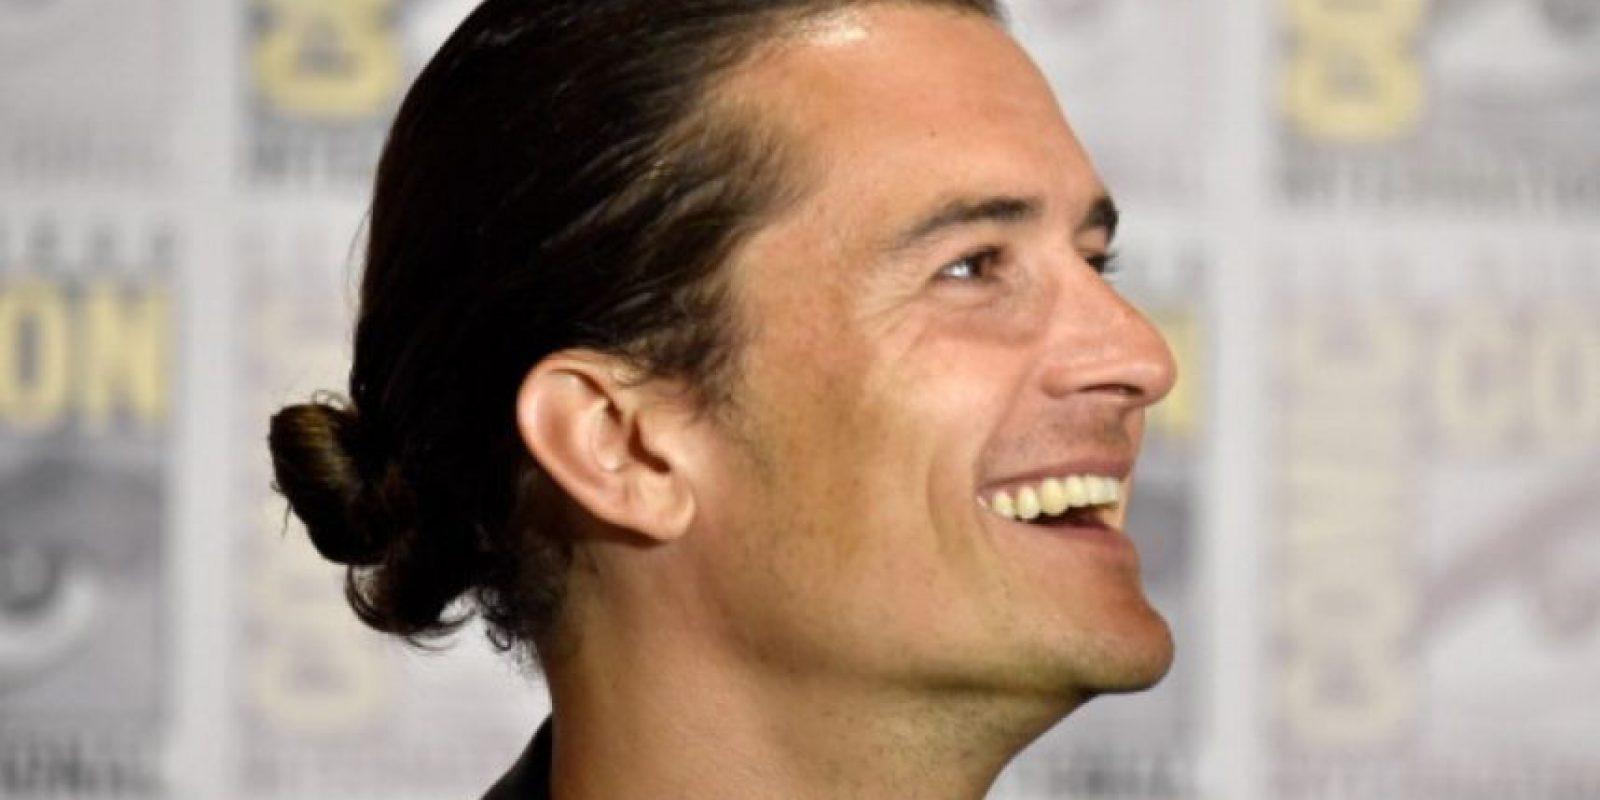 De resto, ha sido célebre por golpear a Justin Bieber y ser el padre del hijo de Miranda Kerr. Foto:vía Getty Images